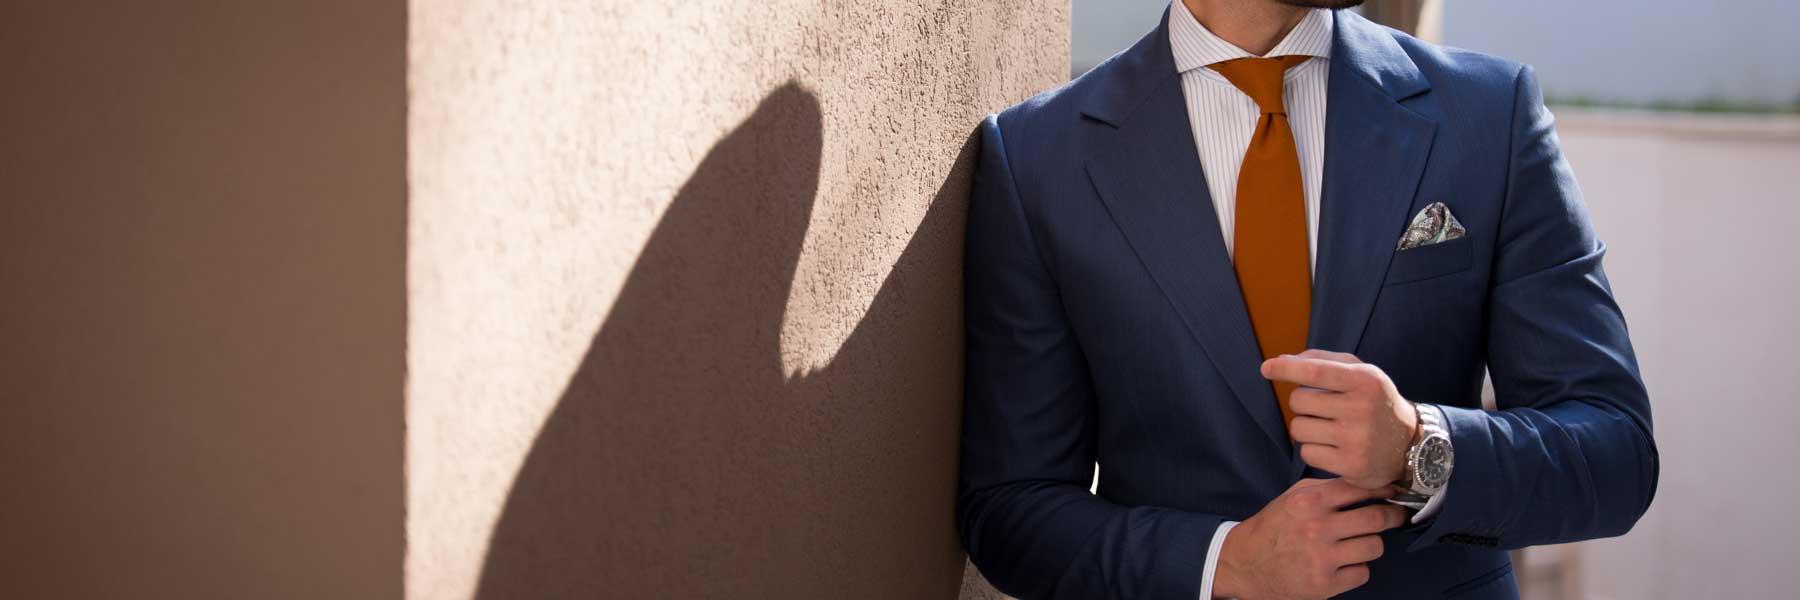 Veston et costume sur mesure pour homme en ligne suitablee for Concevez votre propre garage en ligne